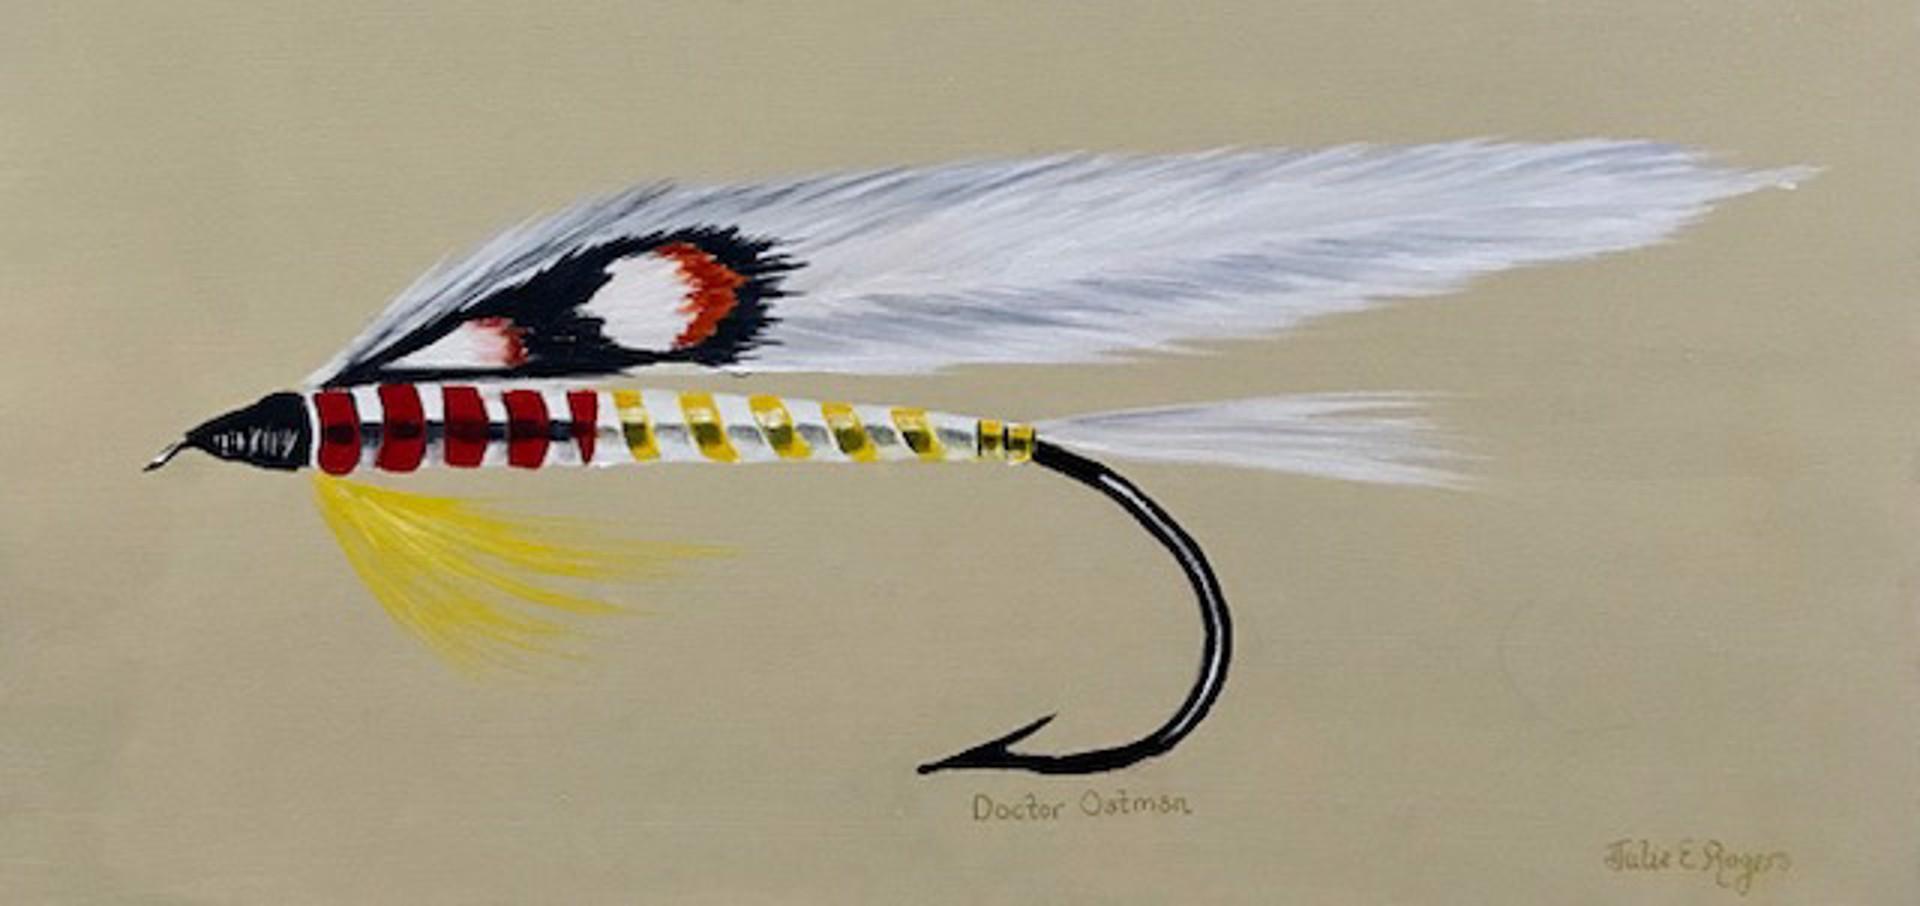 Doctor Oatman by Julie Rogers